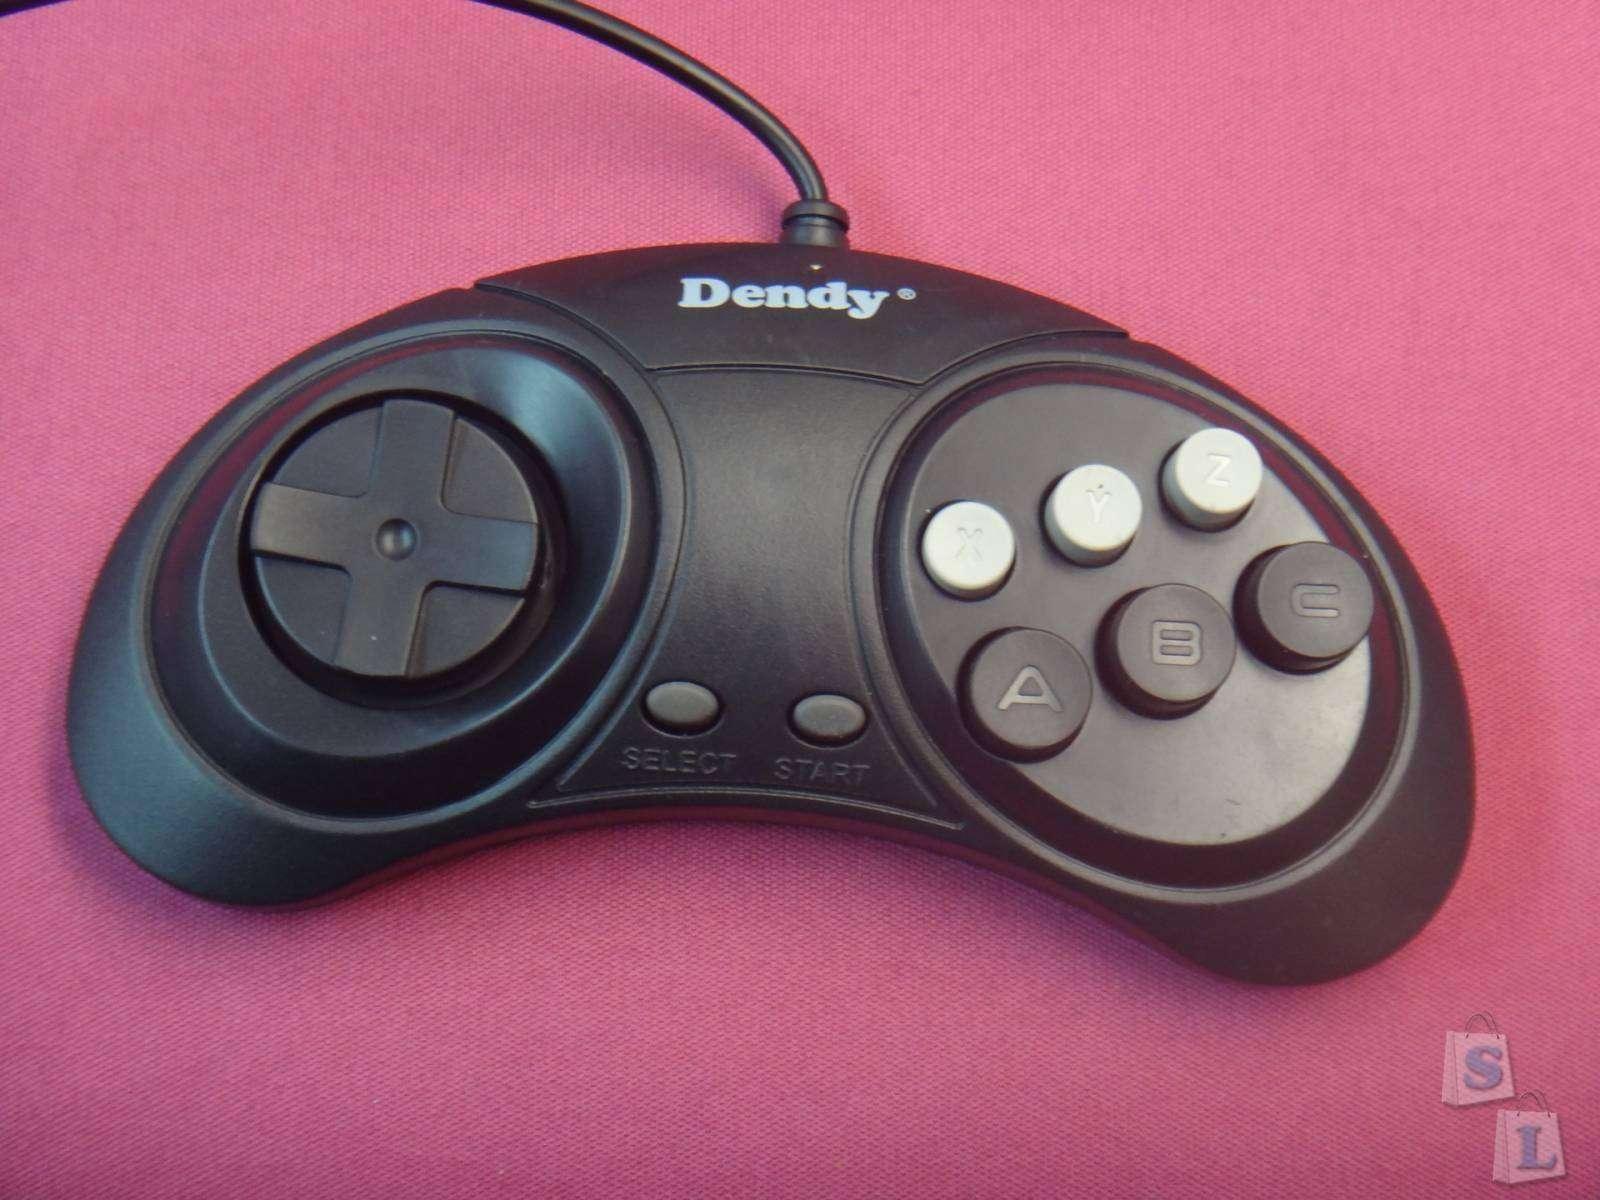 Другие - Украина: Обзор современной Dendy 2 8 Bit game console или хватит играть кинескоп посадишь